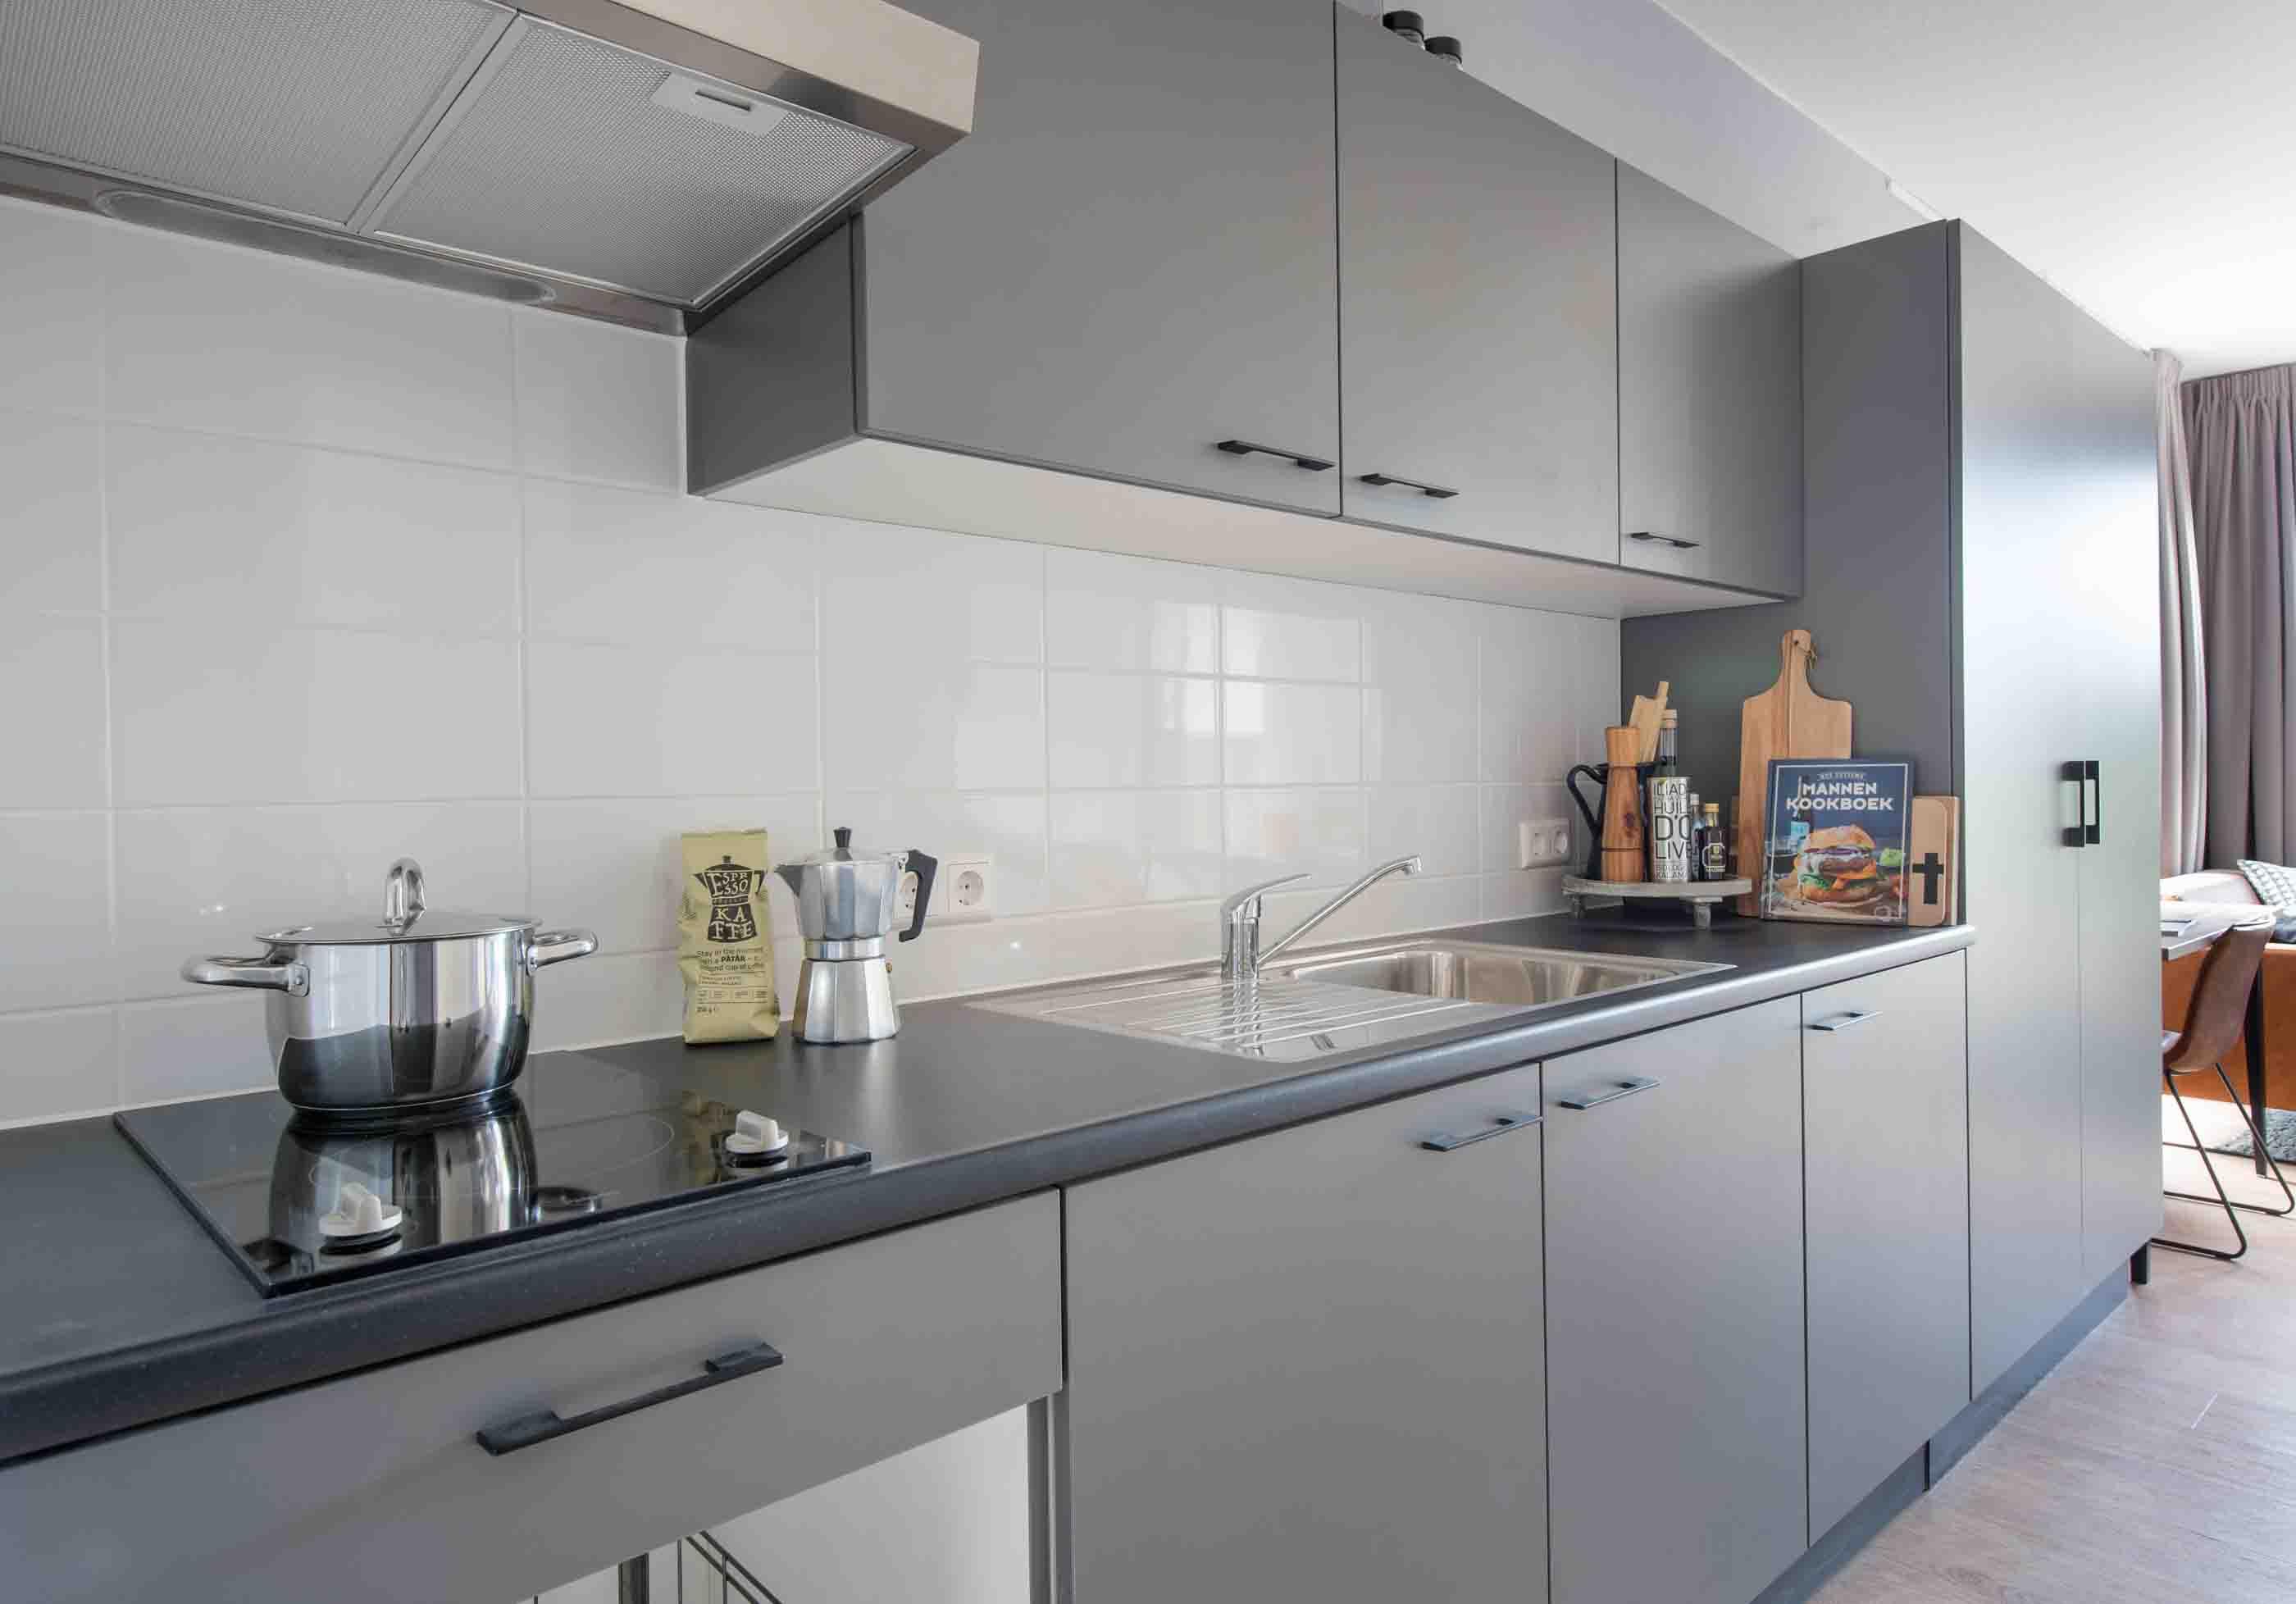 Superior Studio in OurDomain Amsterdam Diemen - kitchen